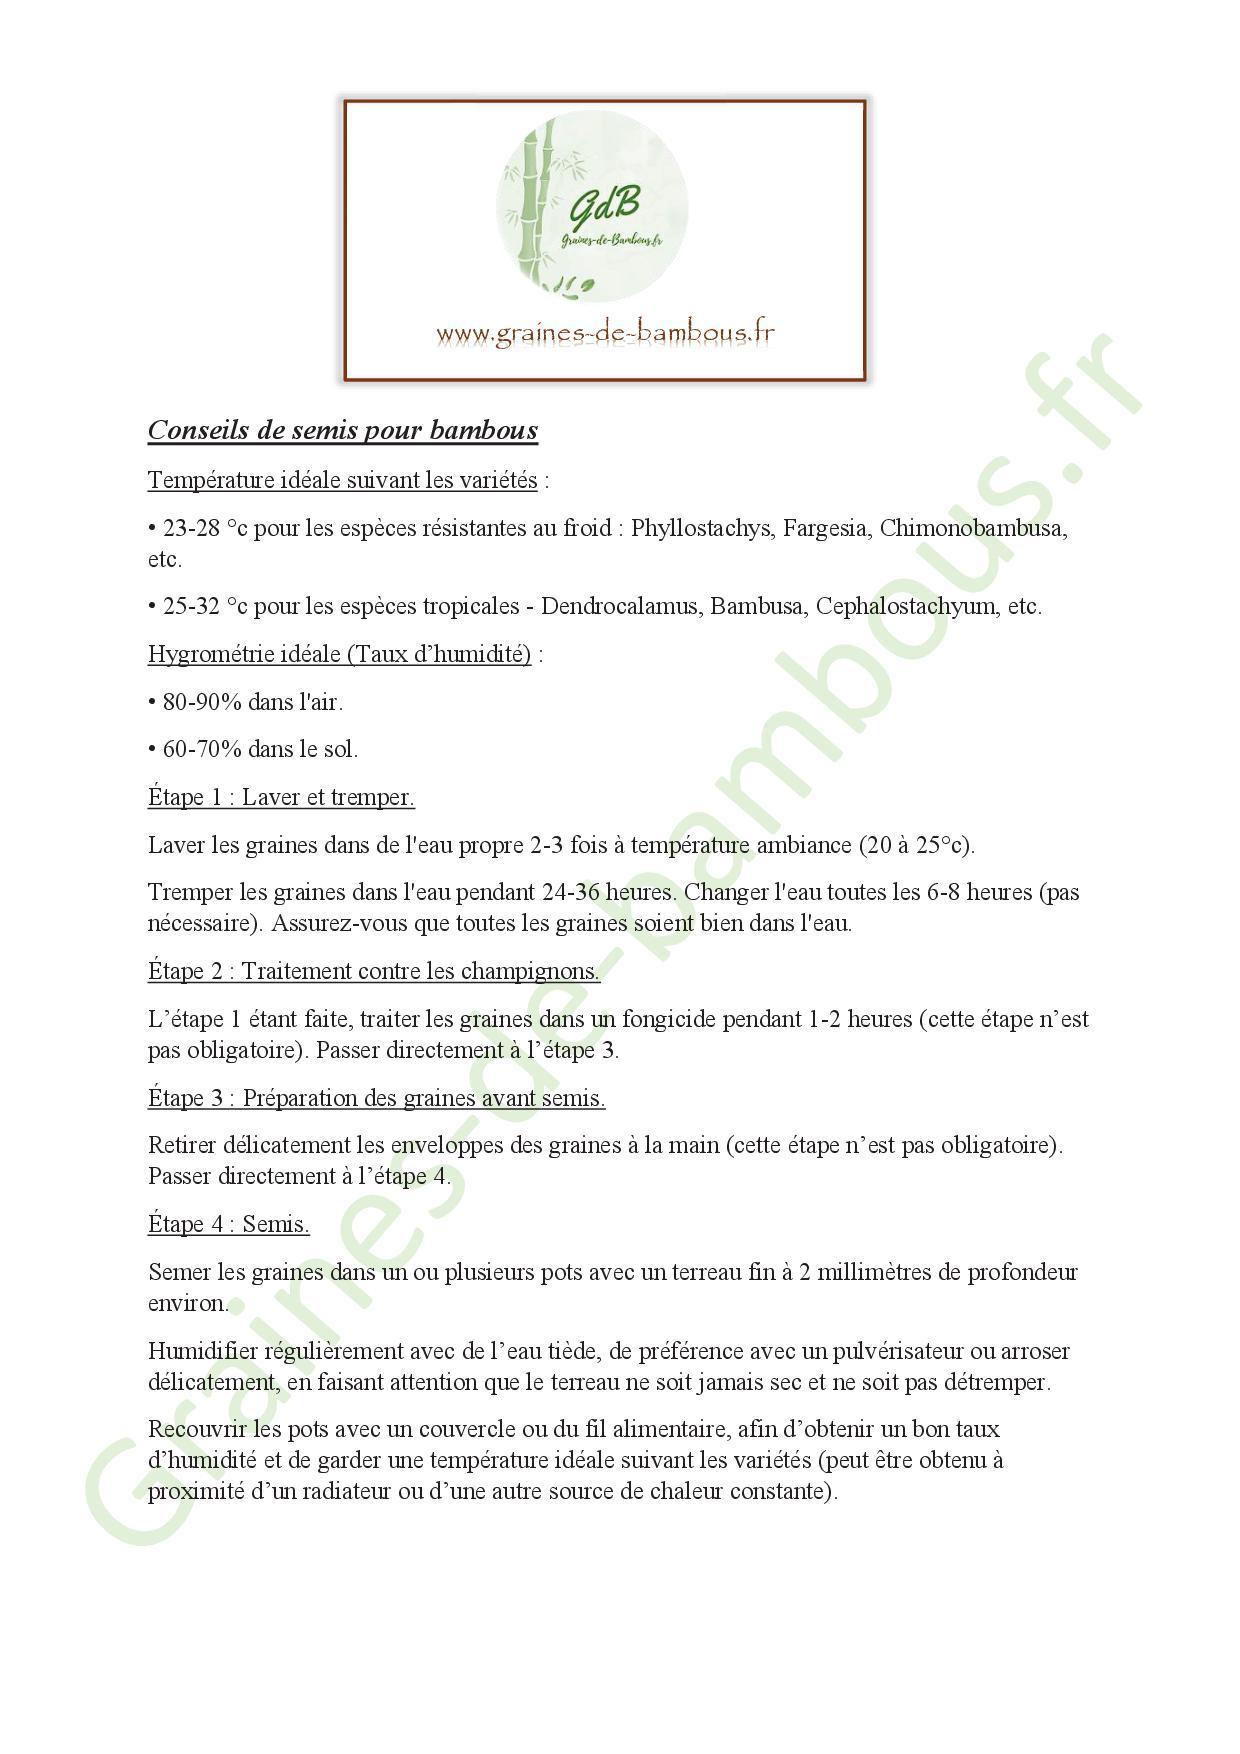 Conseils de semis pour bambous 20201